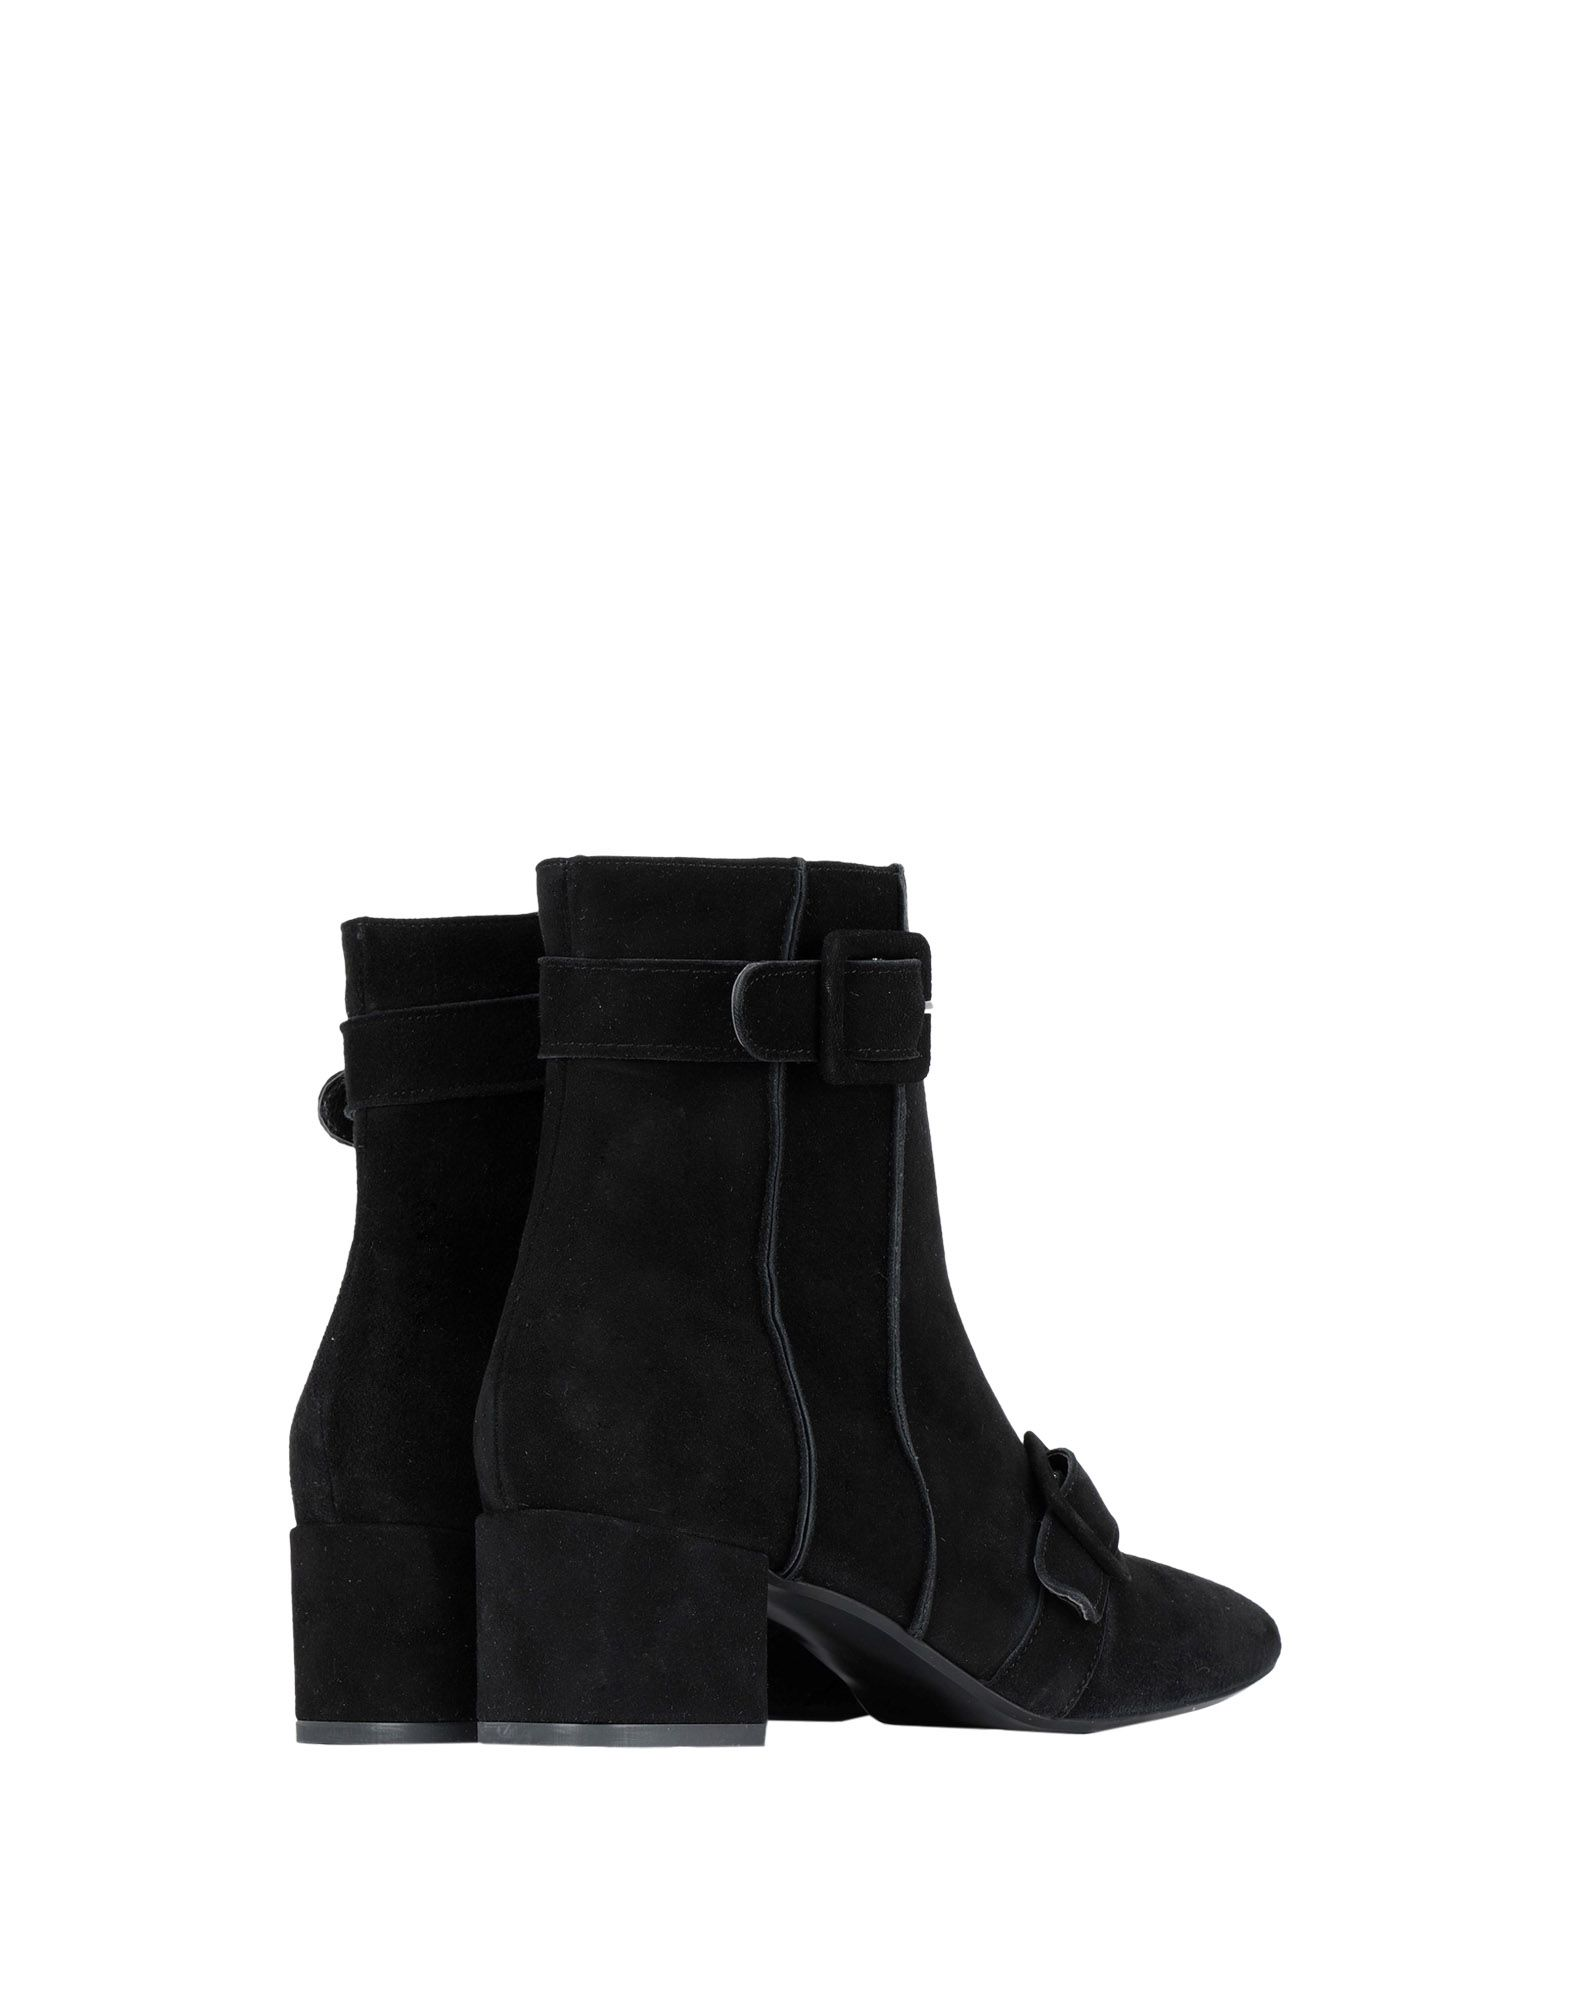 Prima Edizione Stiefelette Damen  11538211KU Gute Gute Gute Qualität beliebte Schuhe 3c709a